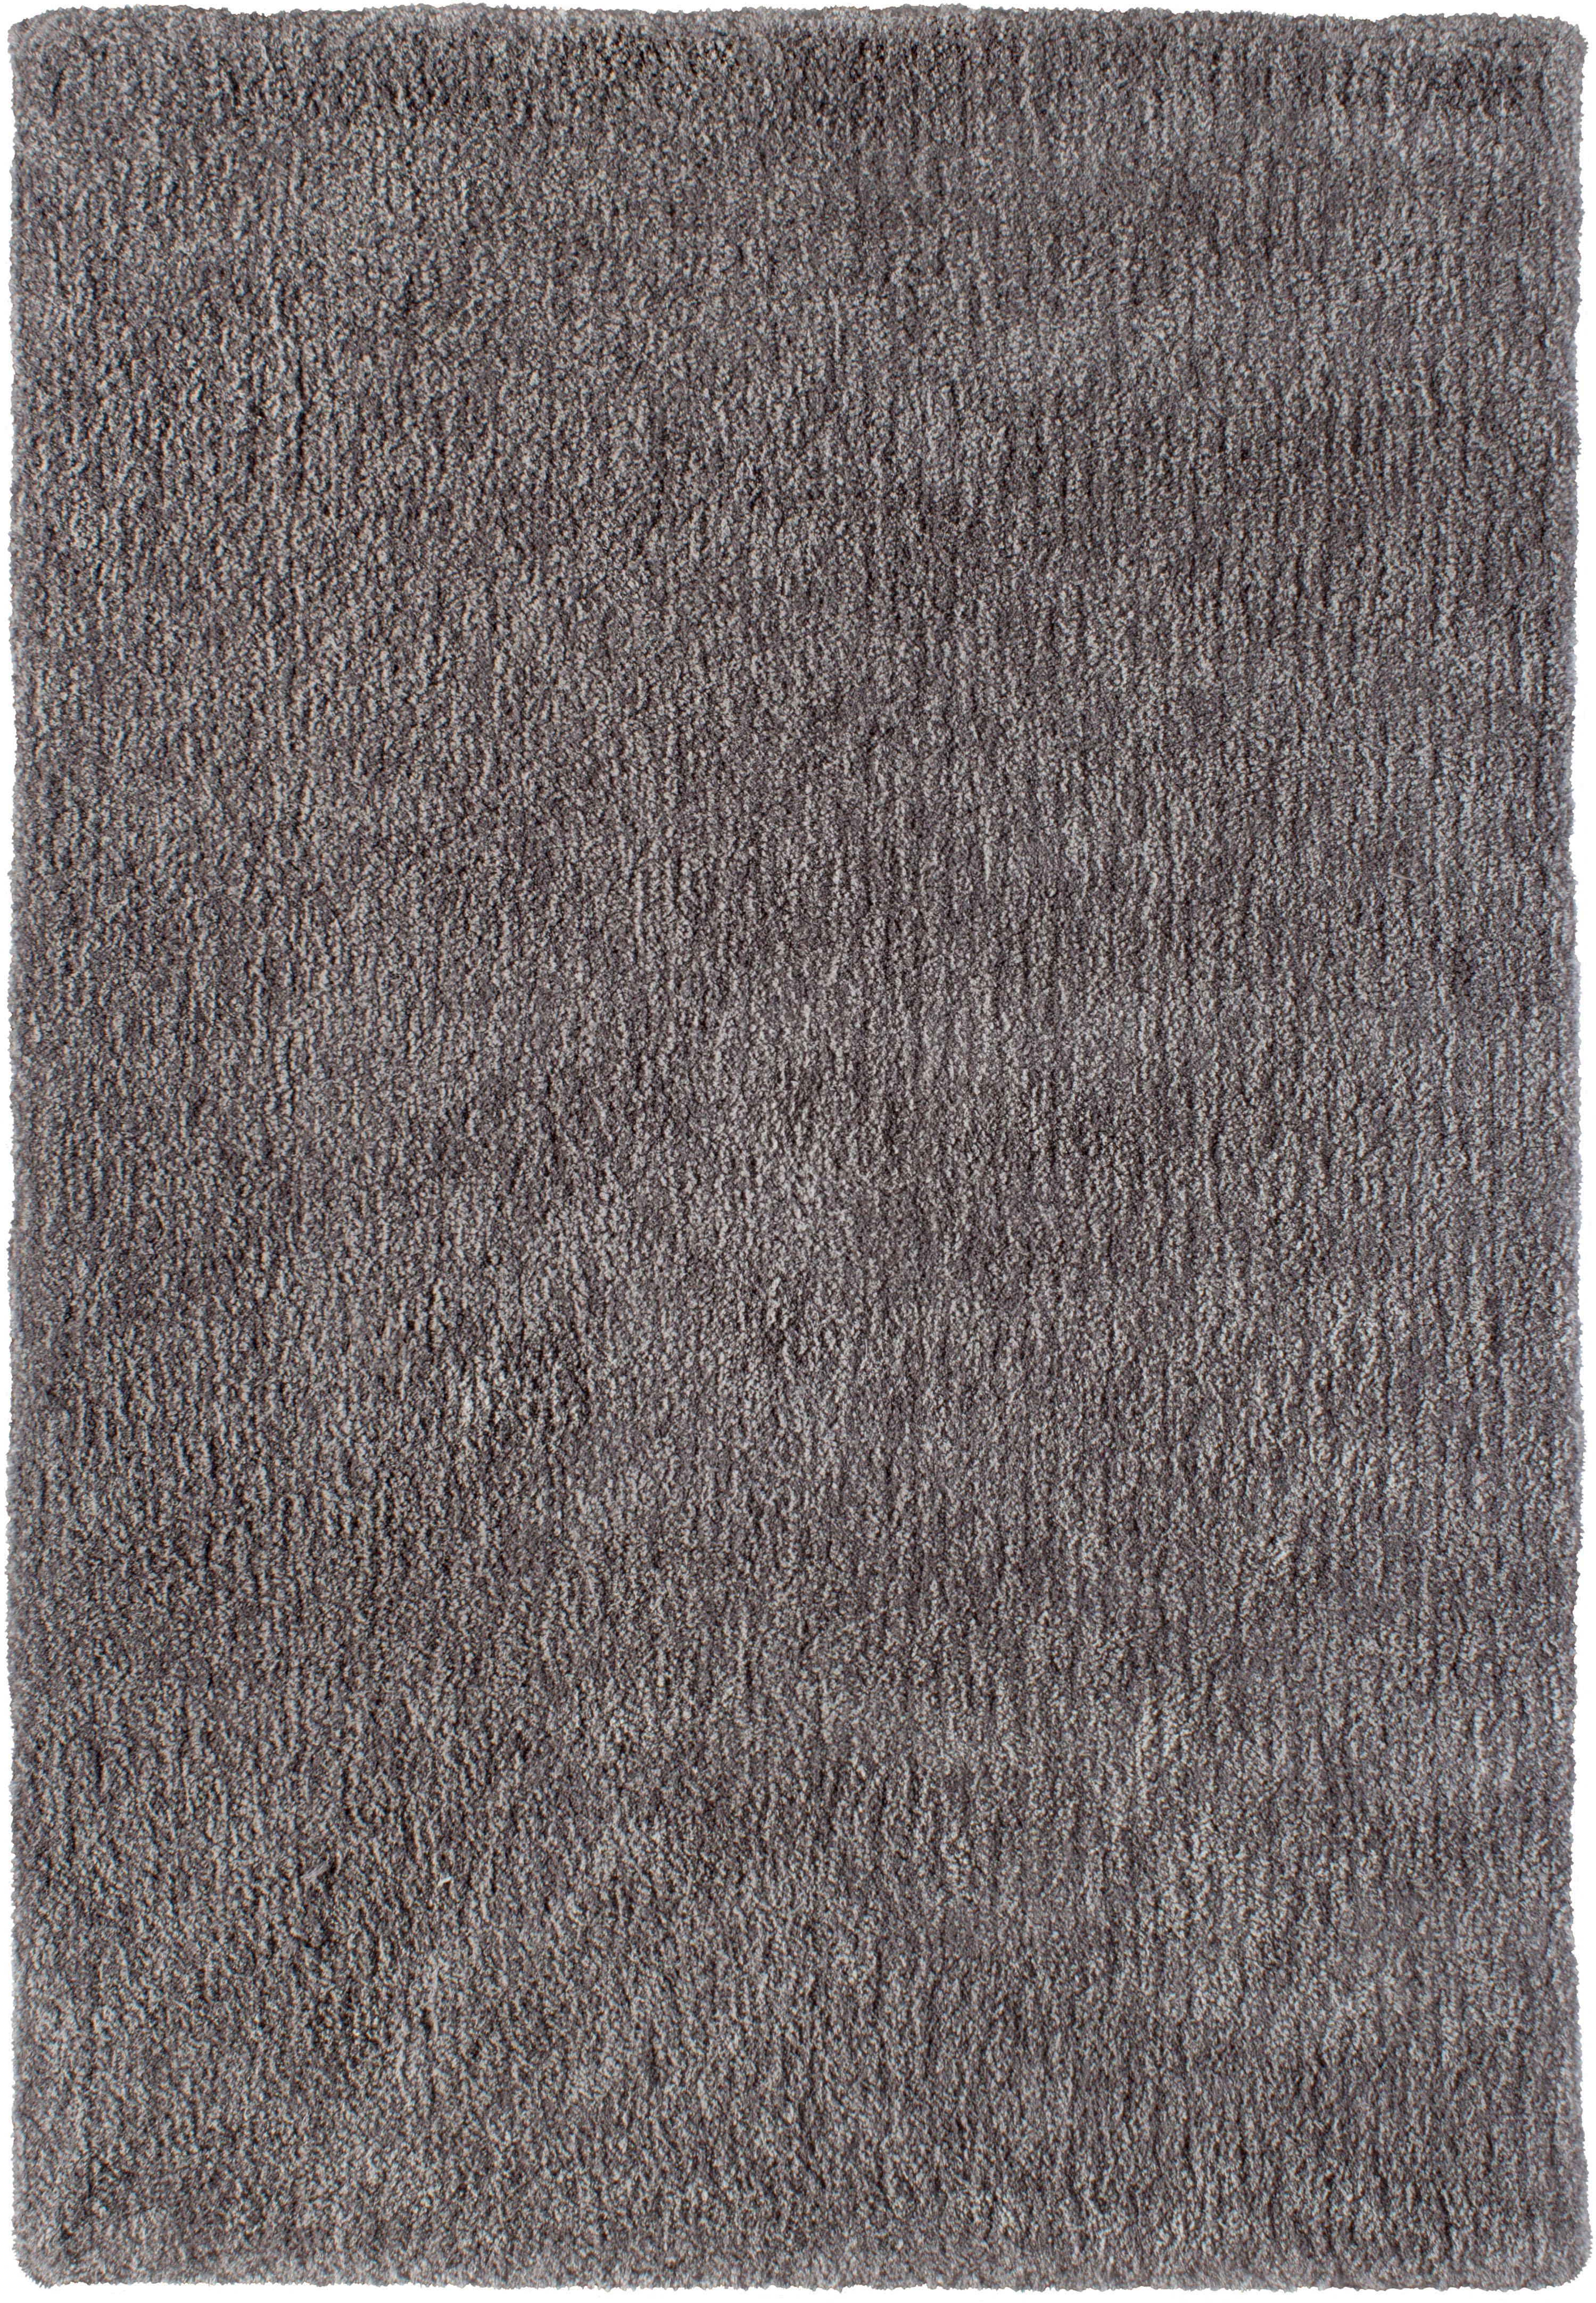 Hochflor-Teppich Touch Barbara Becker rechteckig Höhe 27 mm handgetuftet